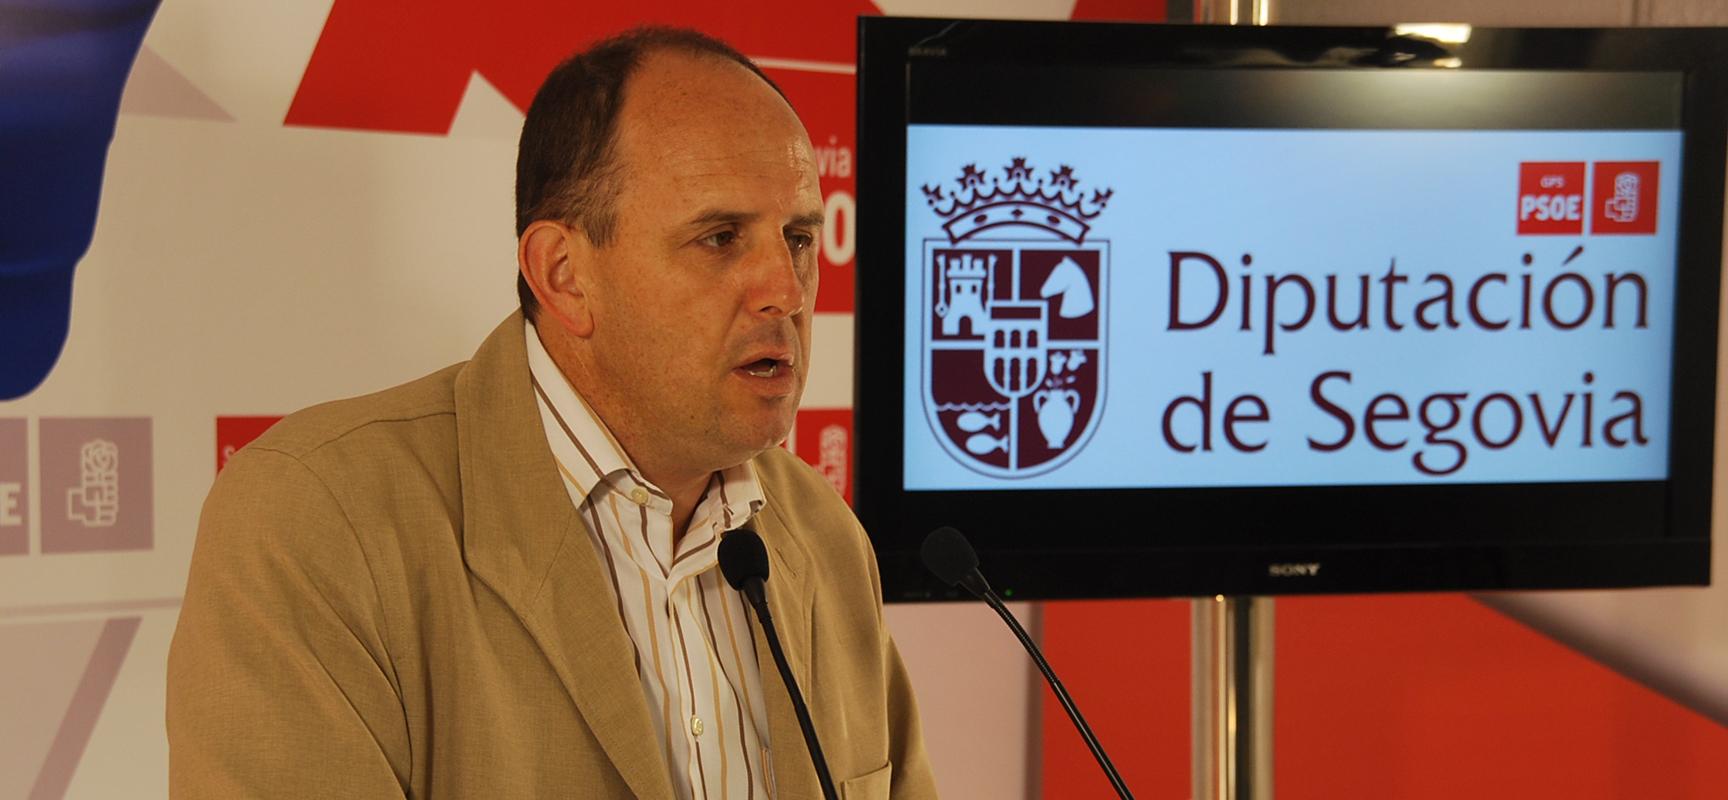 Jose Luis Aceves durante una intervención en la sede del PSOE.